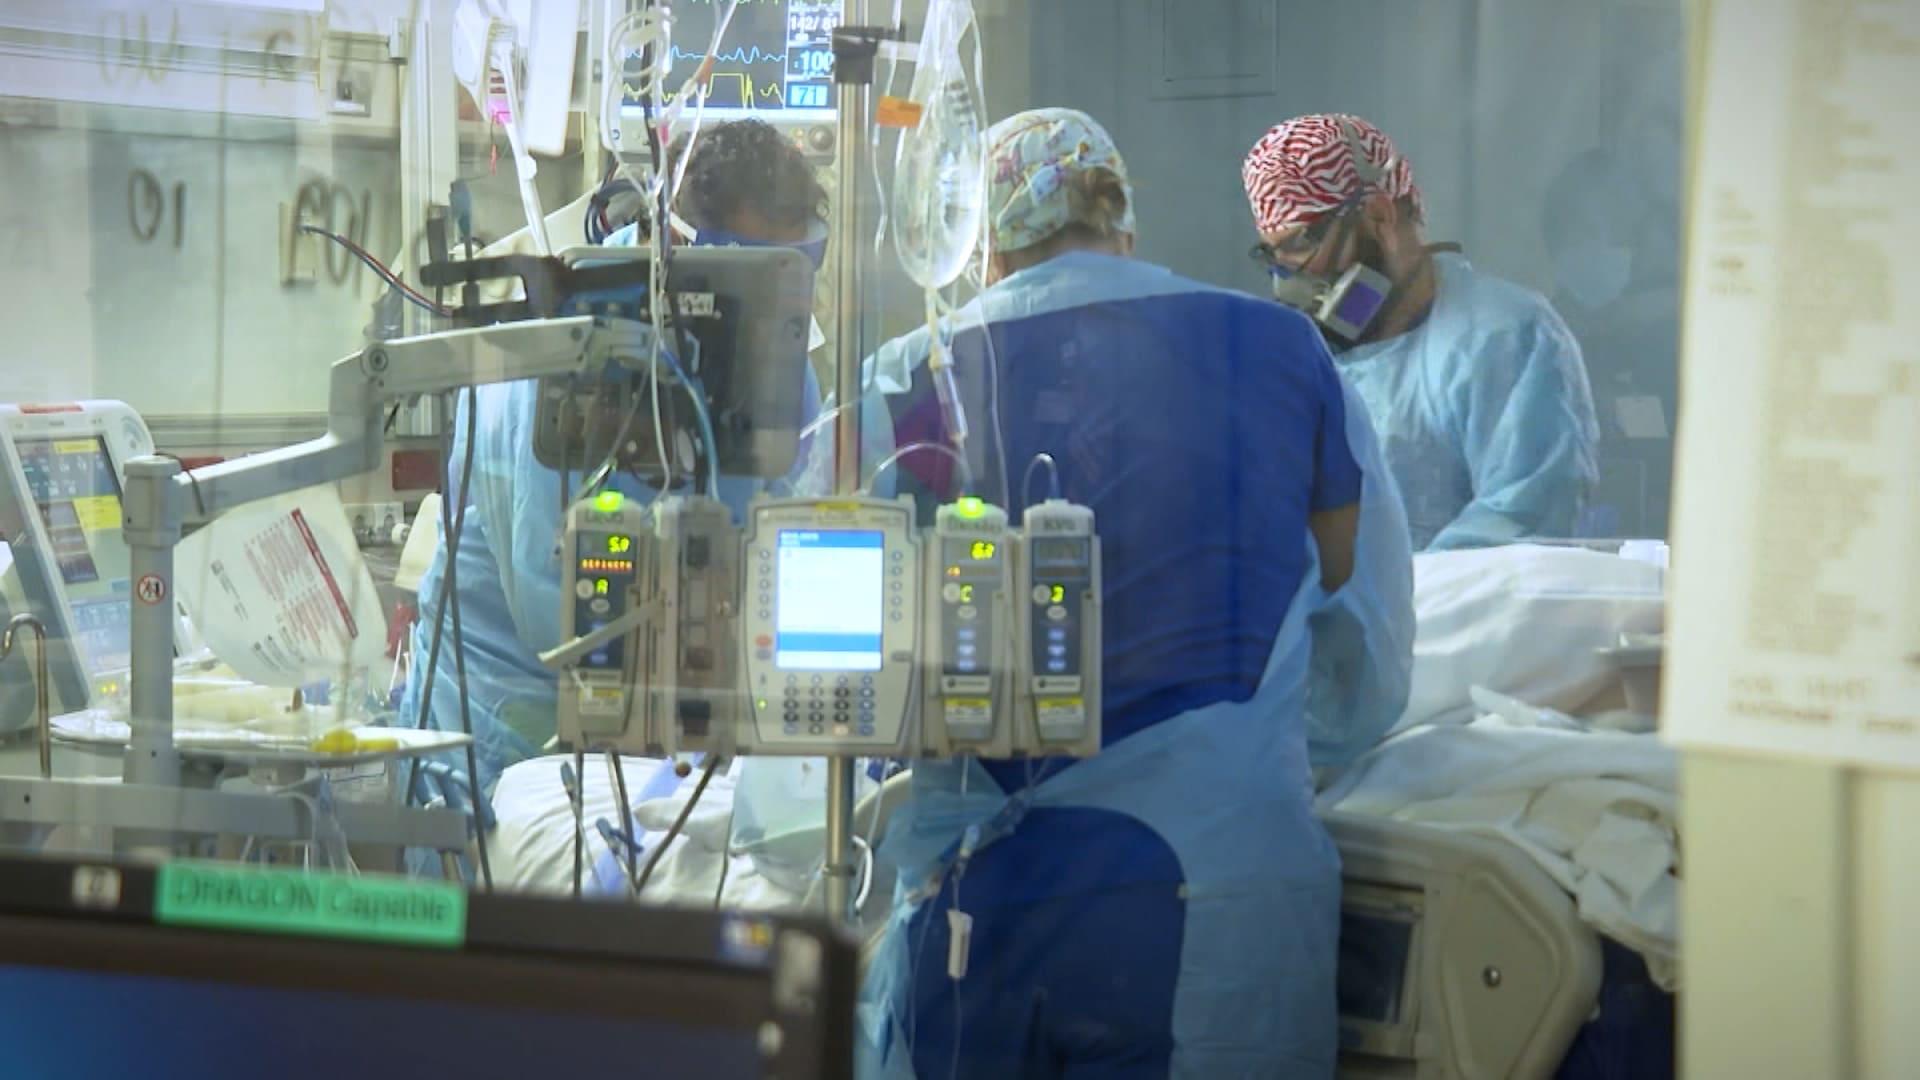 خطوة بخطوة..كيف تتم عملية تنبيب المرضى لمحاولة إنقاذهم من فيروس كورونا؟